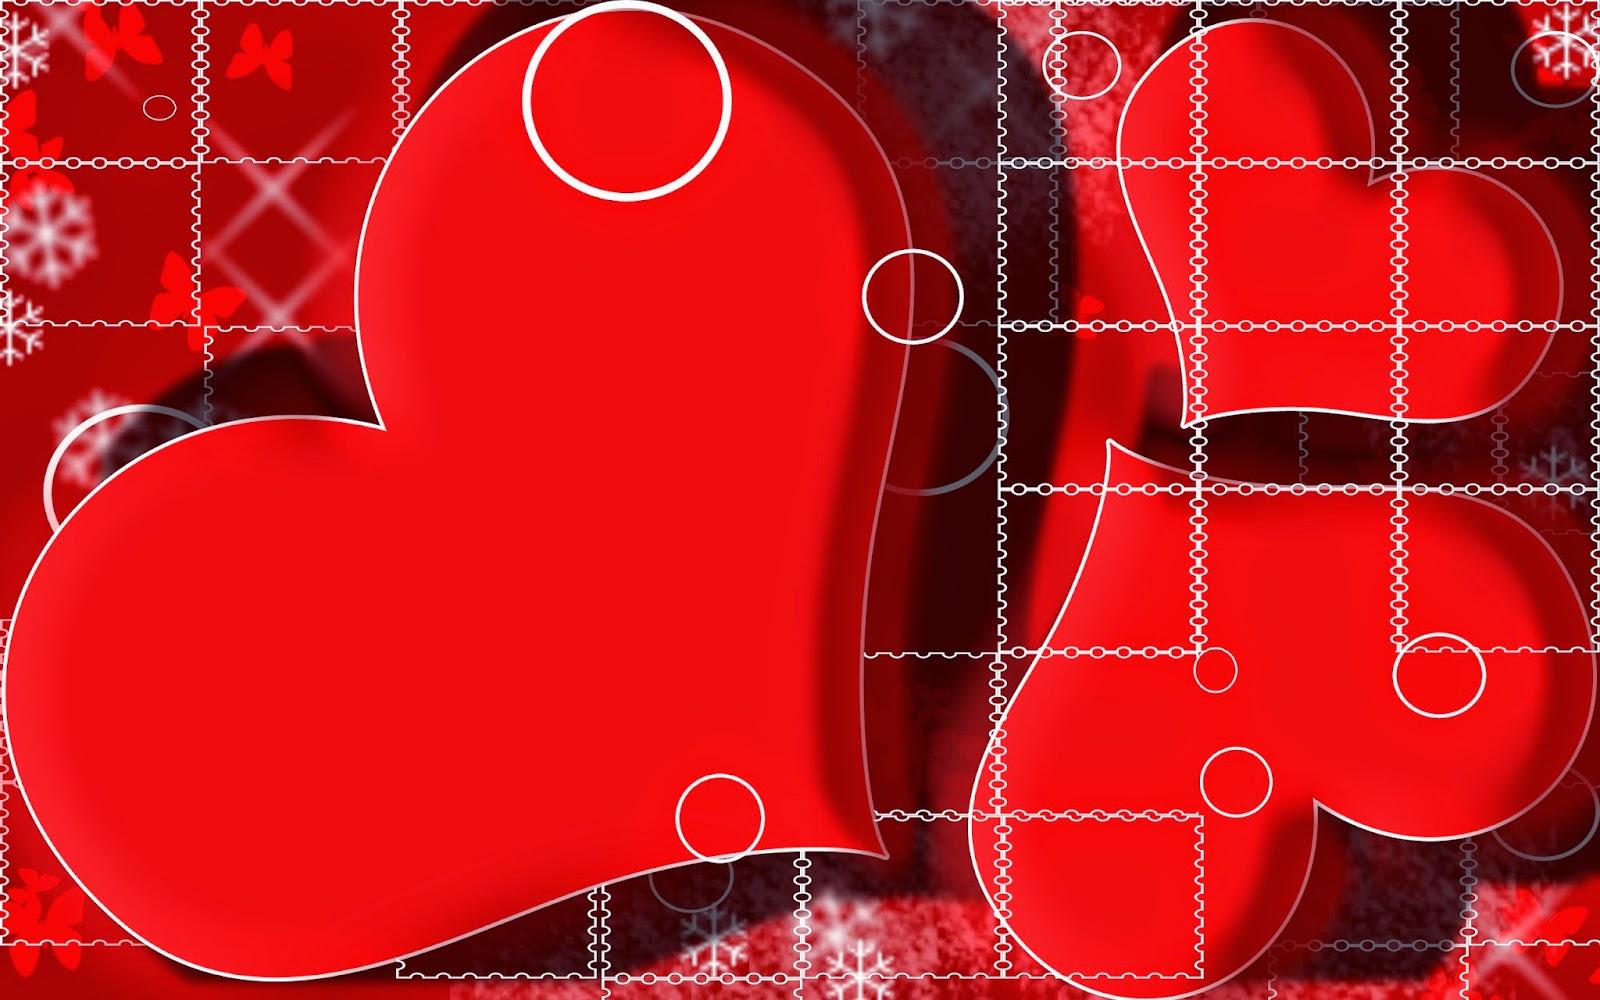 خلفيات قلوب رومانسية